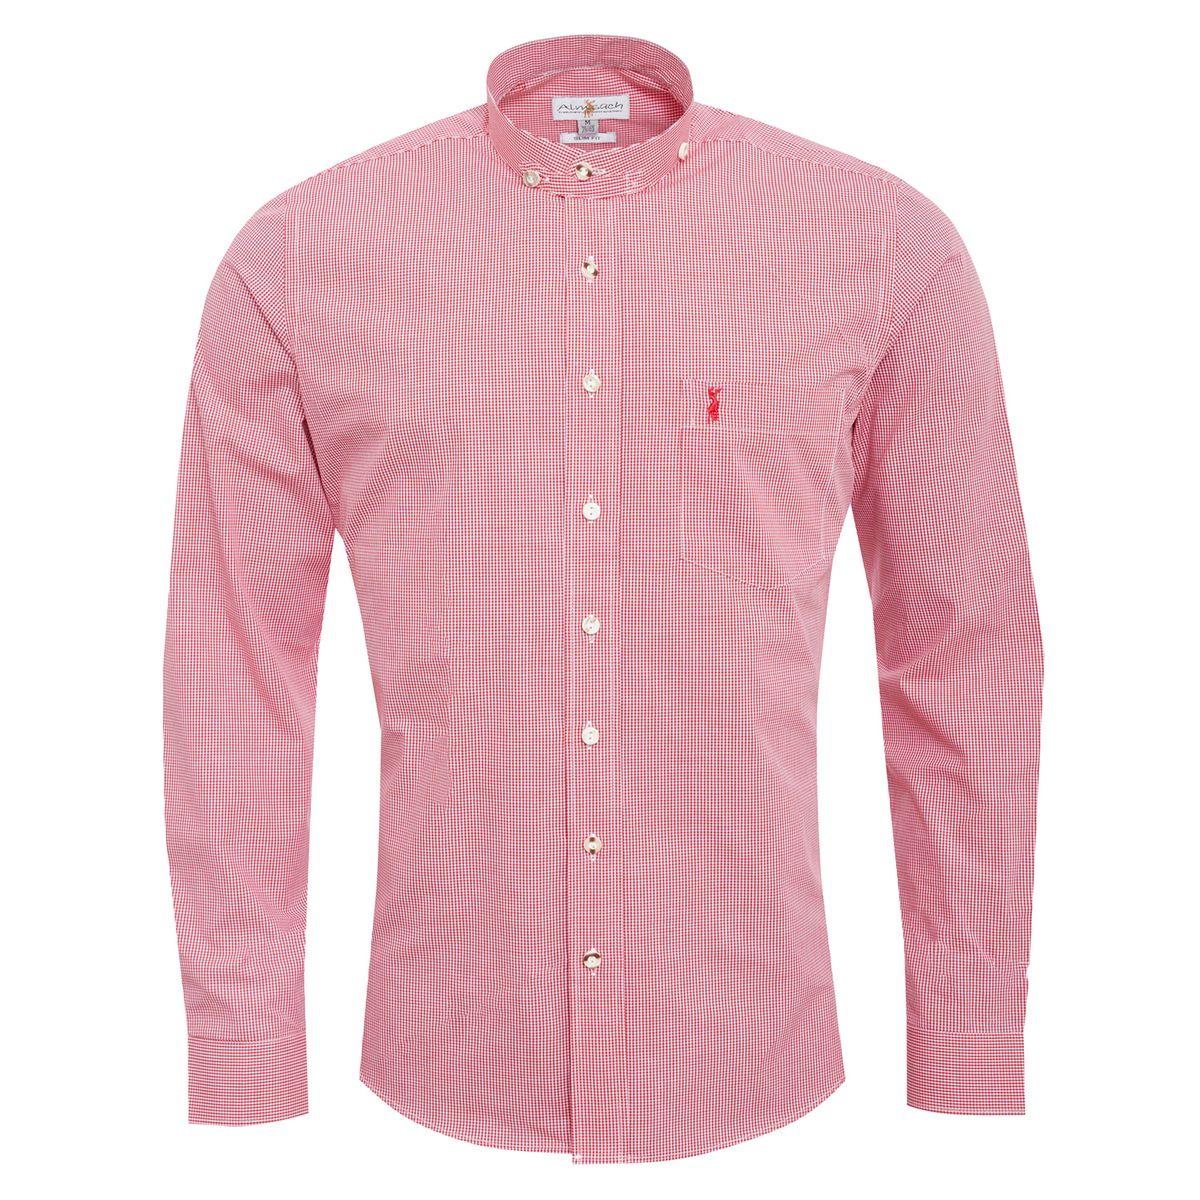 Trachtenhemd Sebastian Slim Fit in Rot von Almsach günstig online kaufen